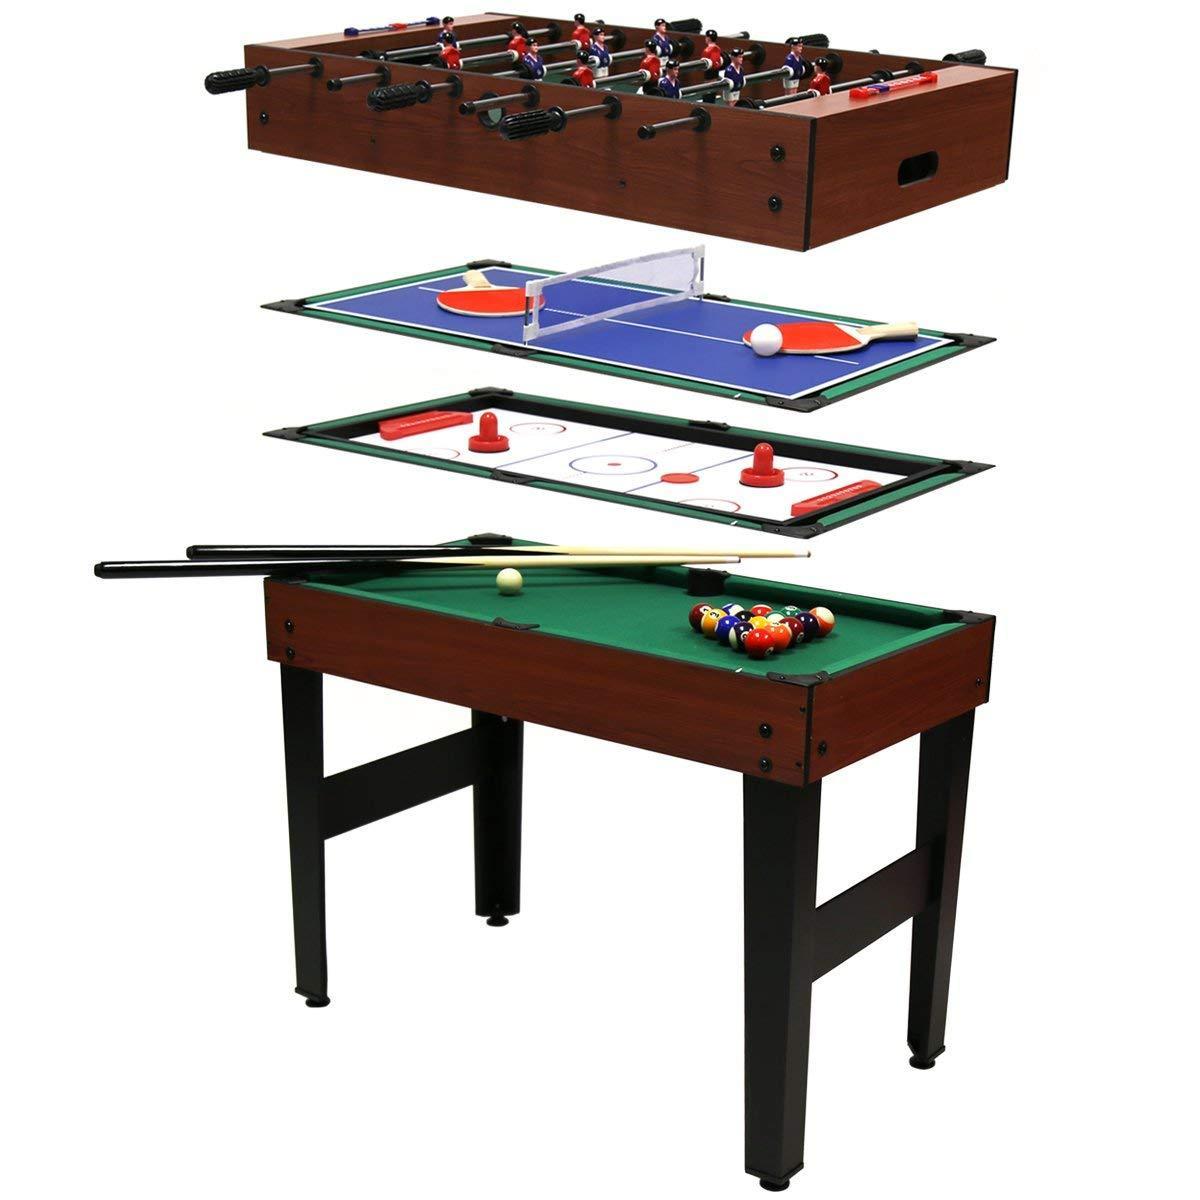 Игровой стол Super Fun 4 В 1 - Аэрохоккей, Настольный футбол, Мини бильярд